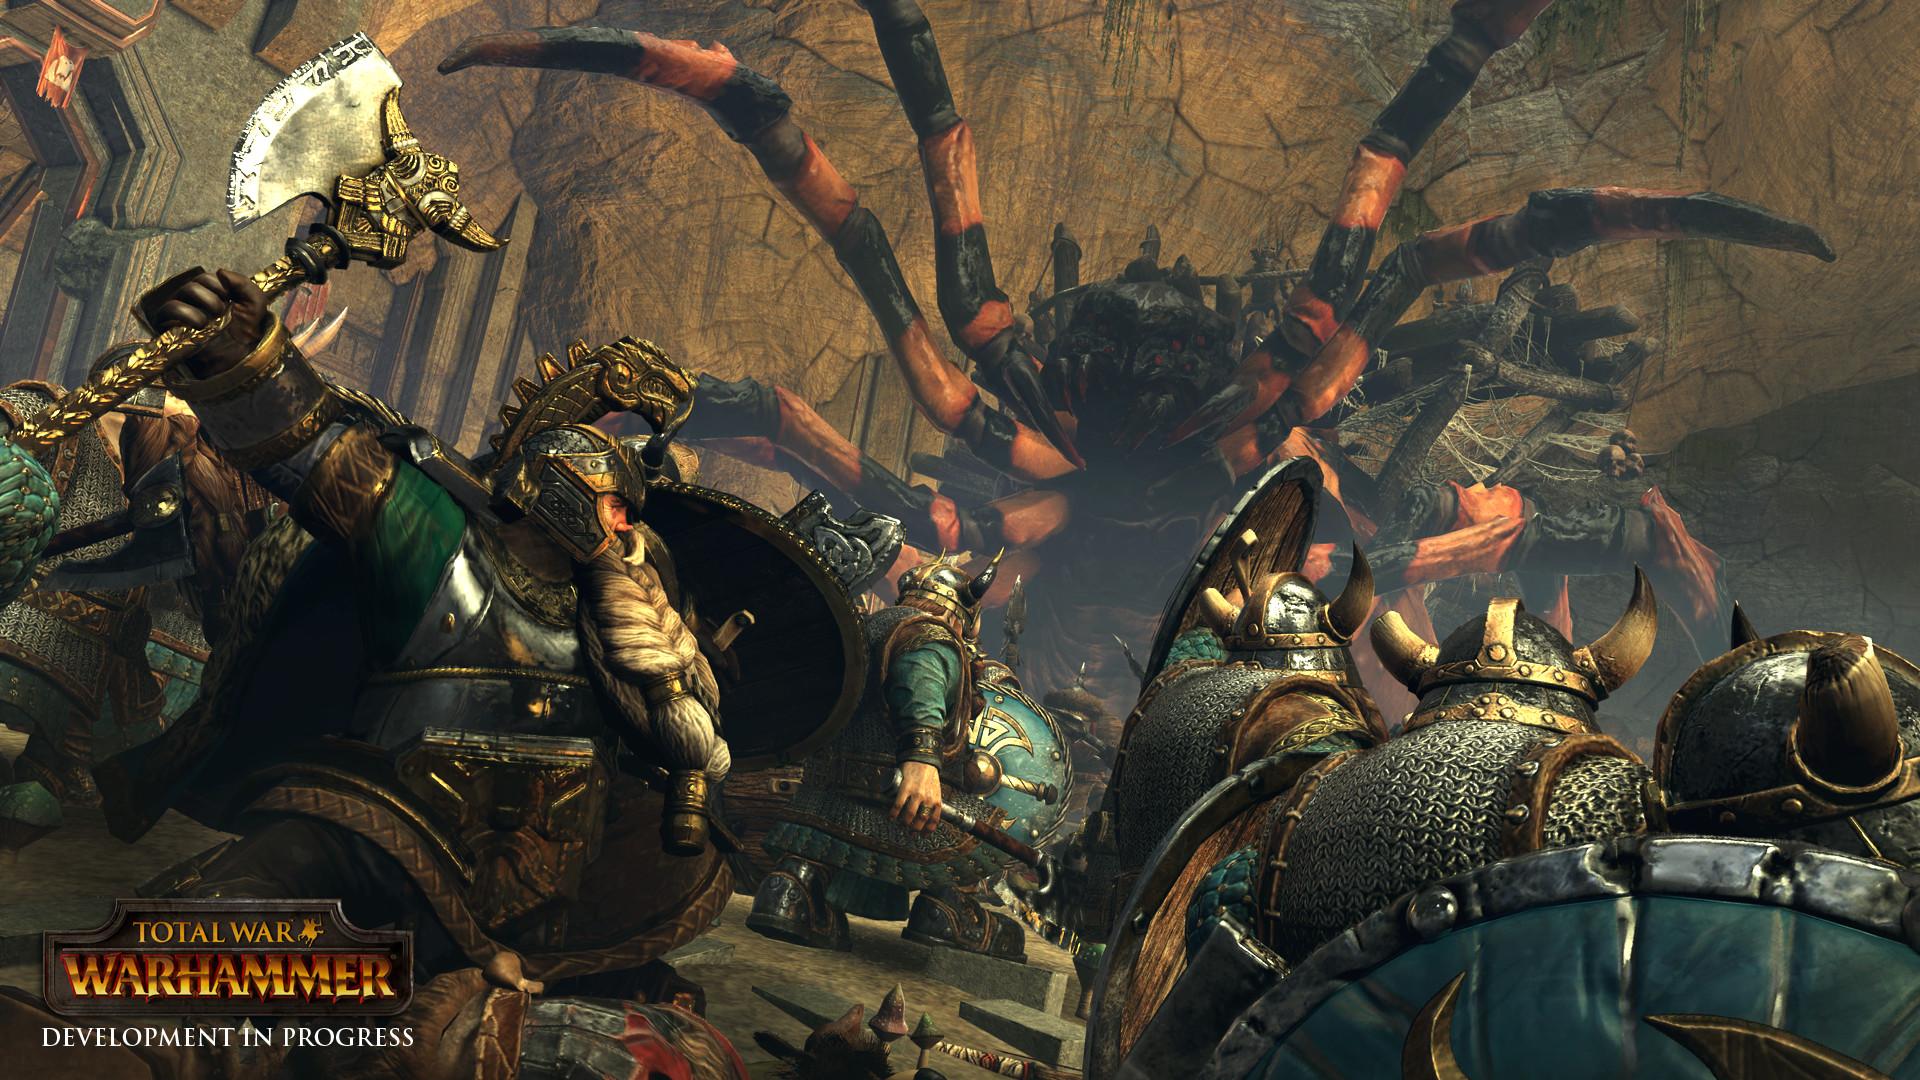 Total War: Warhammer HD Wallpaper